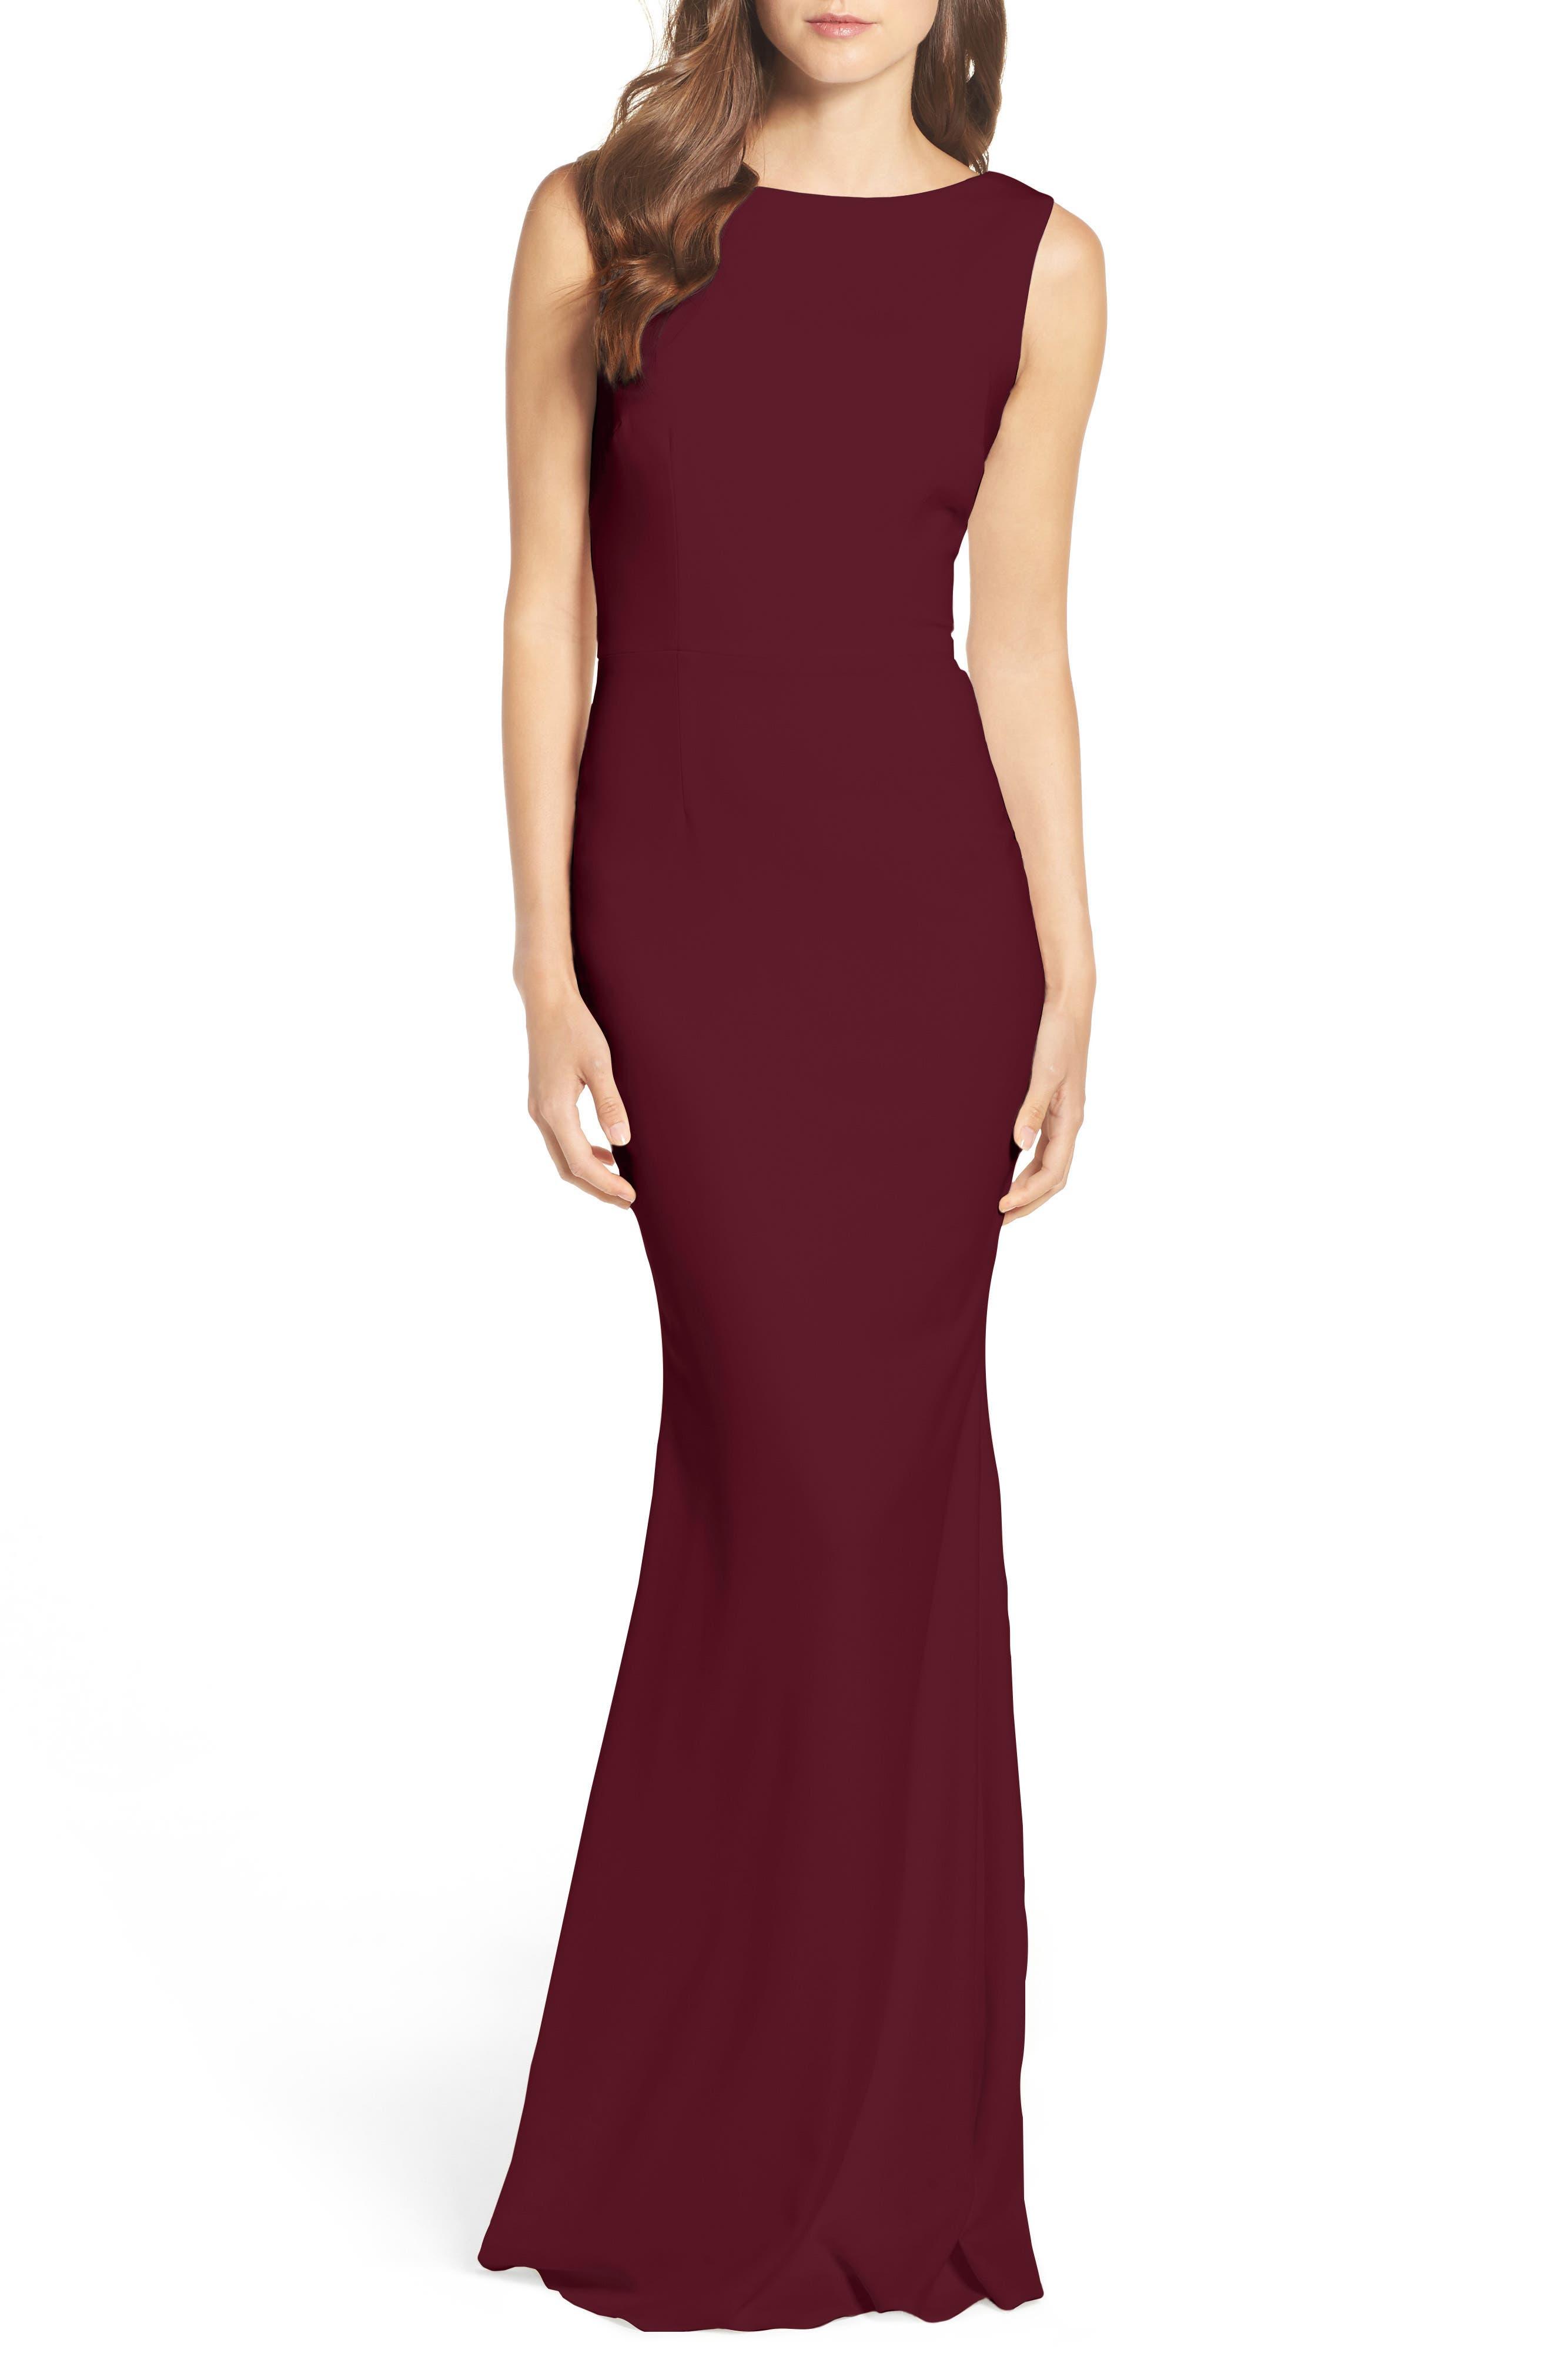 KATIE MAY, Vionnet Drape Back Crepe Gown, Alternate thumbnail 5, color, BLACK